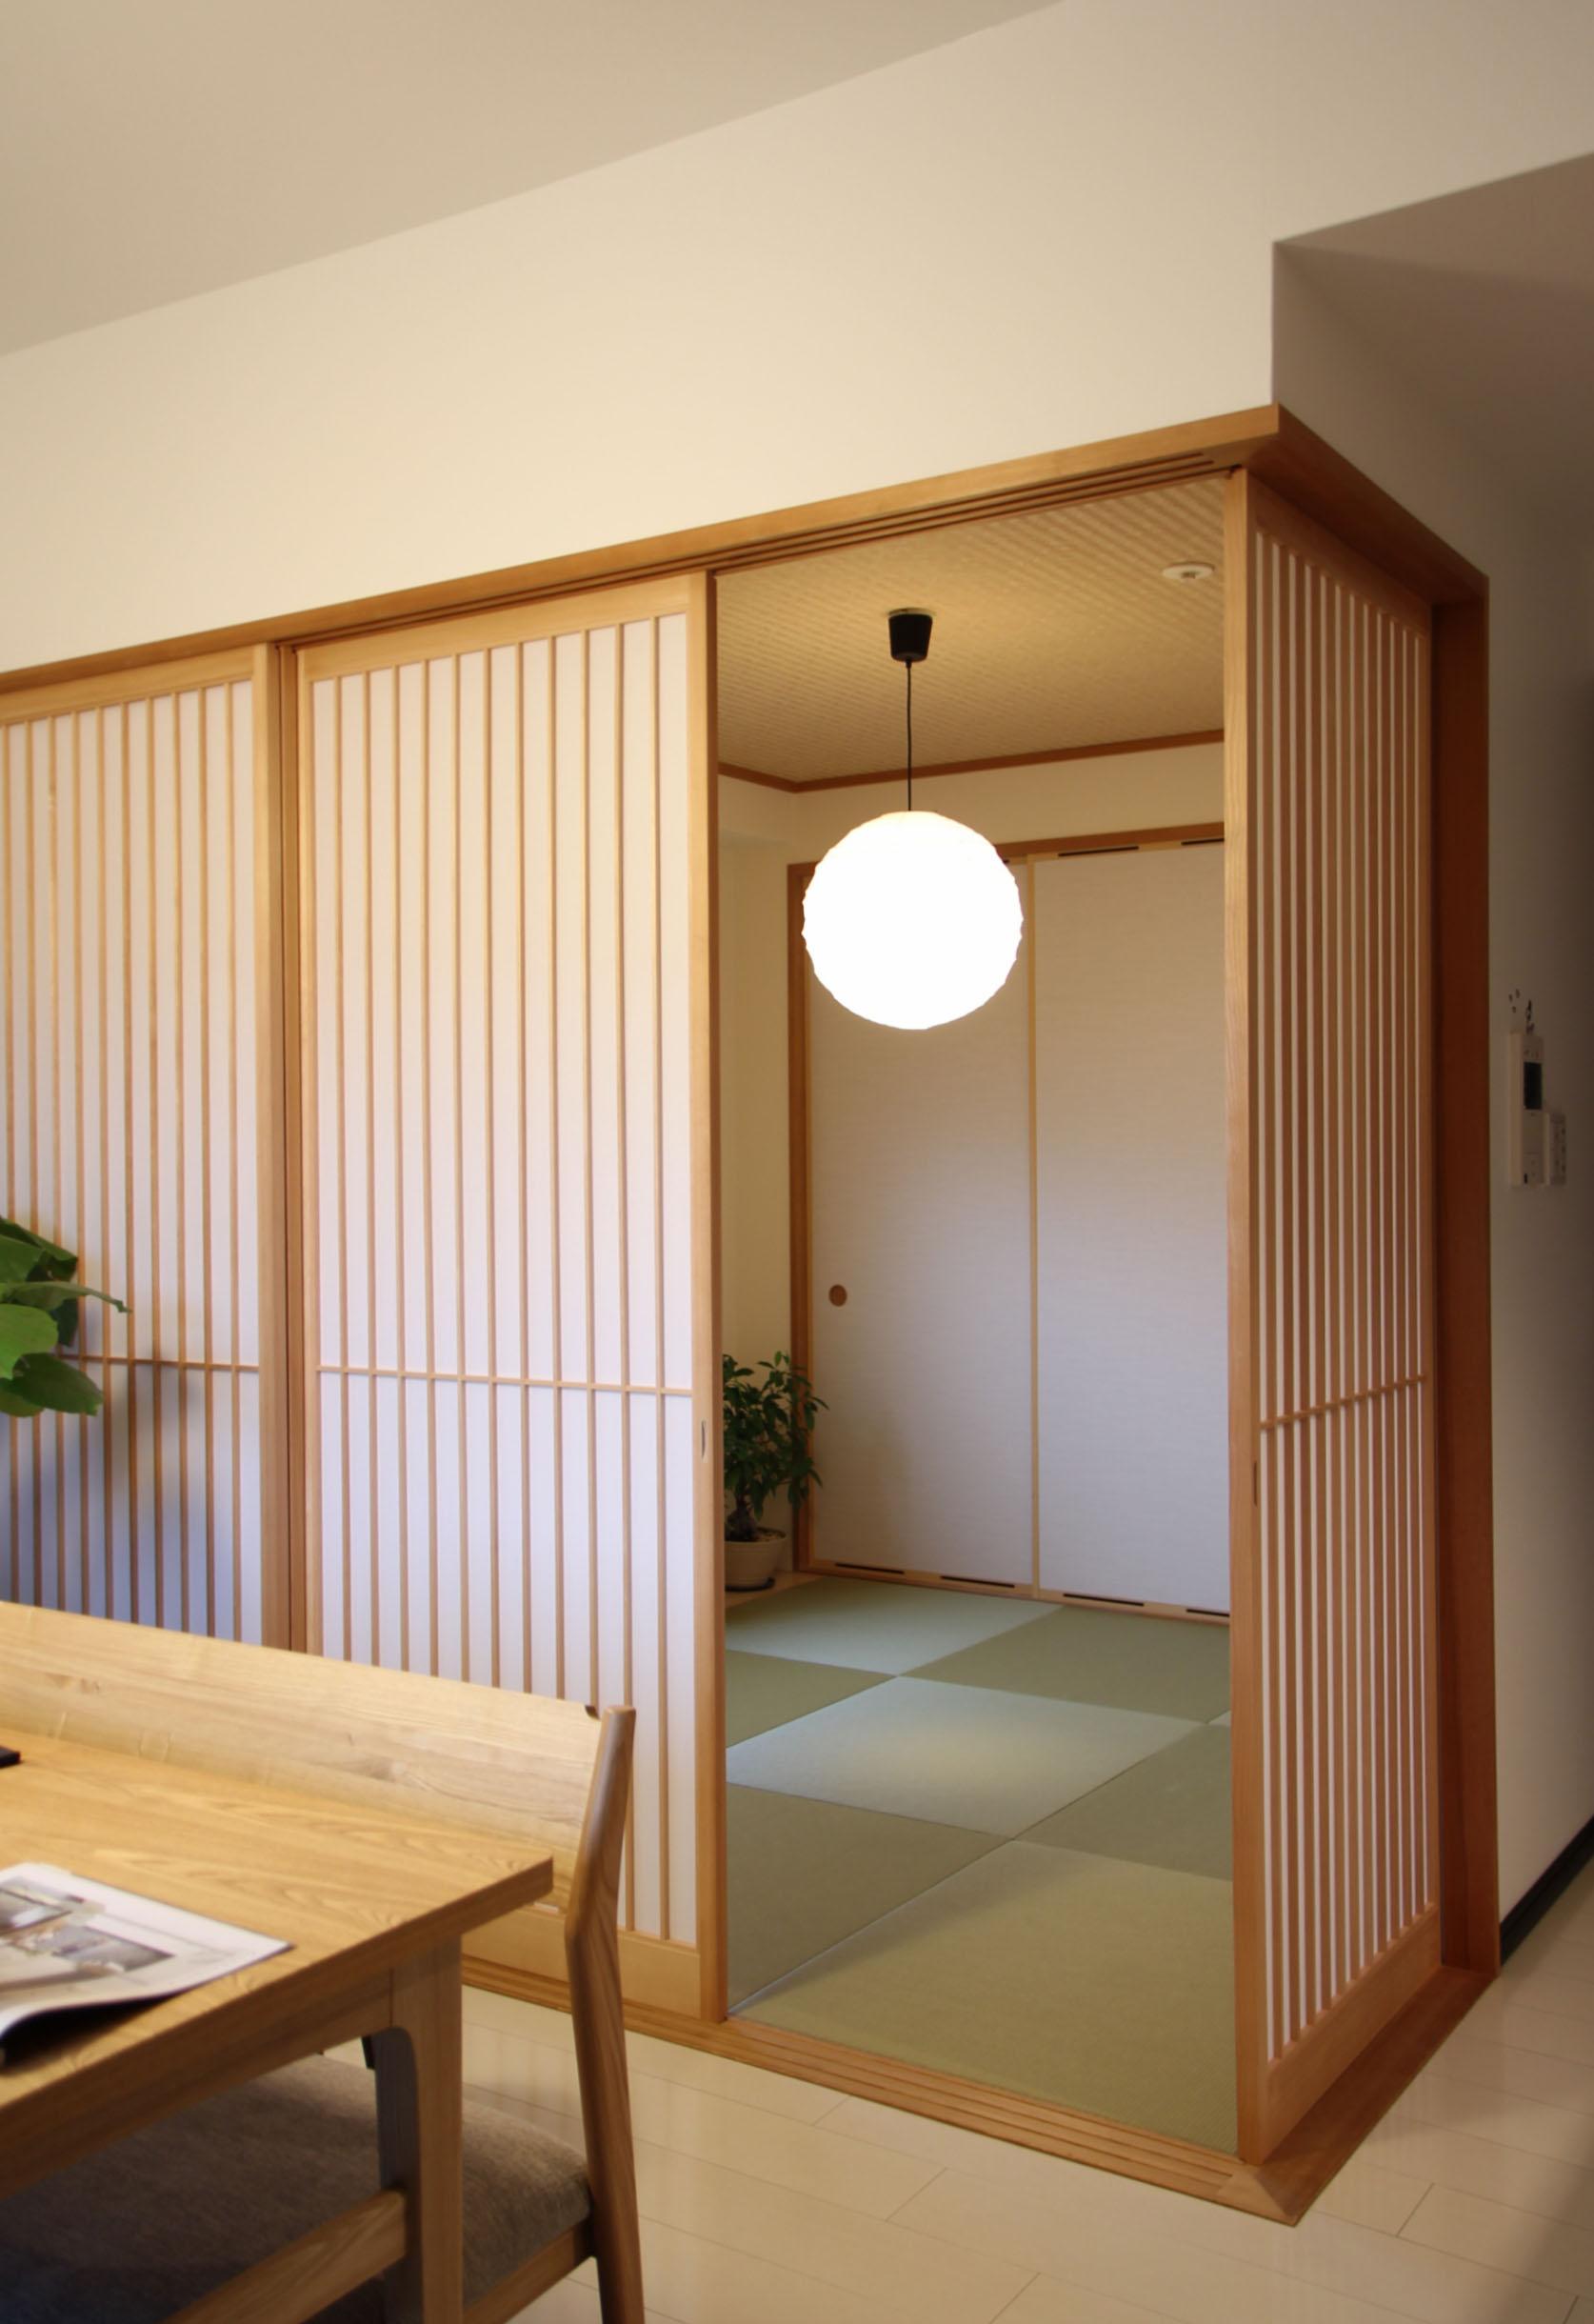 特徴のある格子のデザインを設けた和室